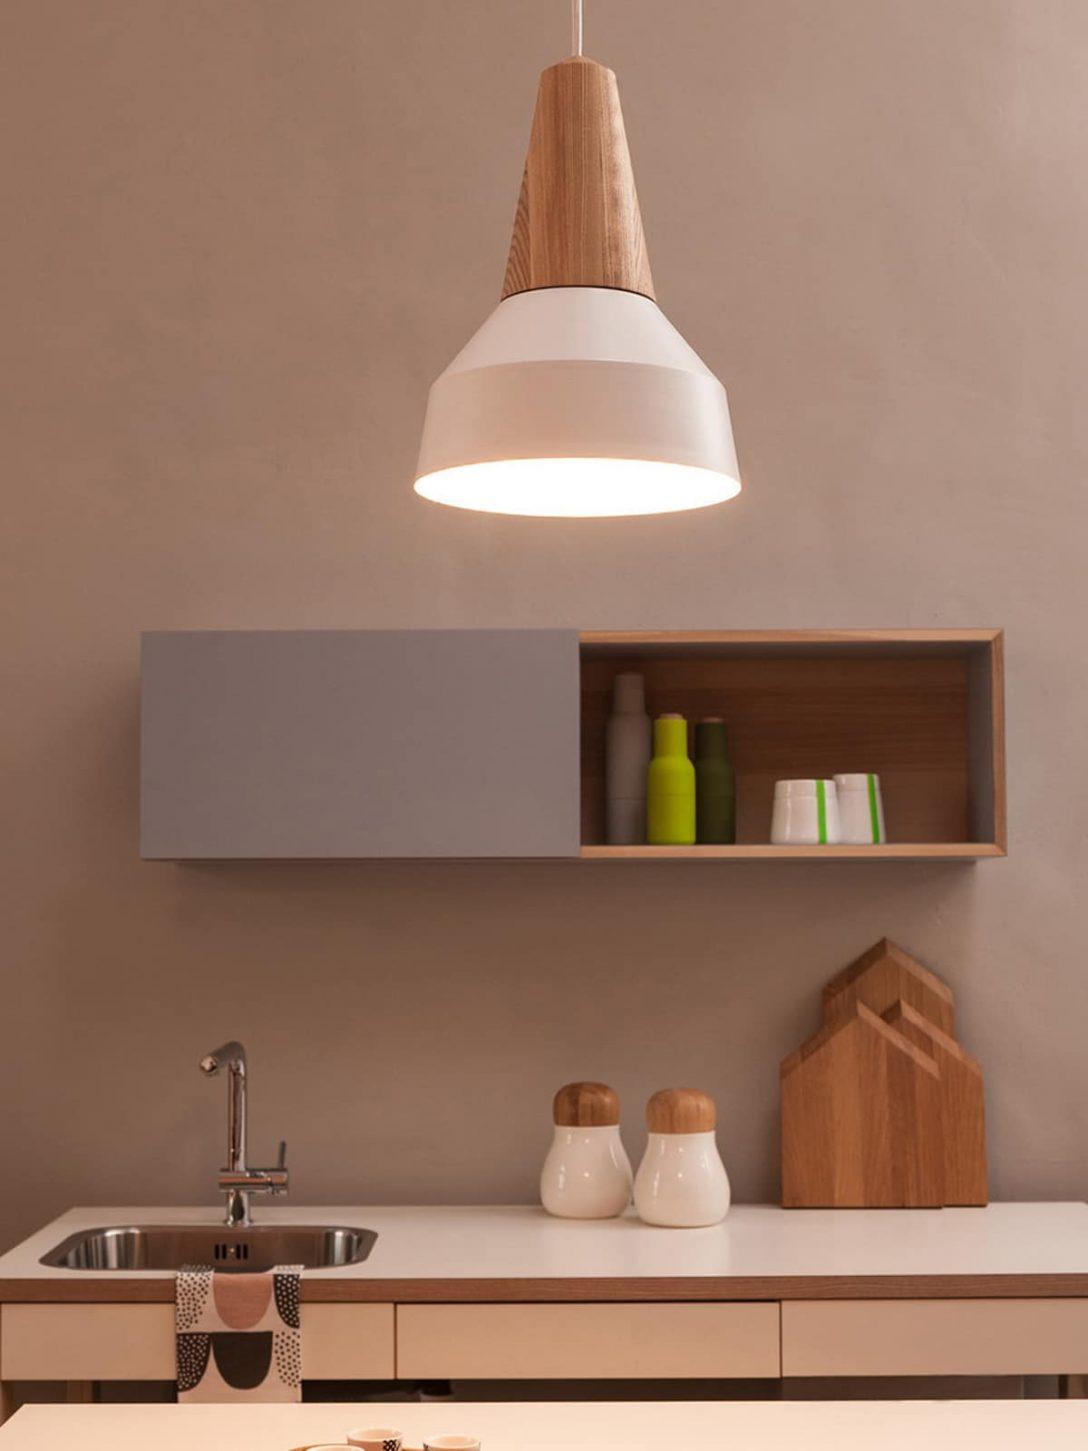 Large Size of Moderne Kchenlampen Bei Designort Teil 3 Designortcom Wohnzimmer Küchenlampen